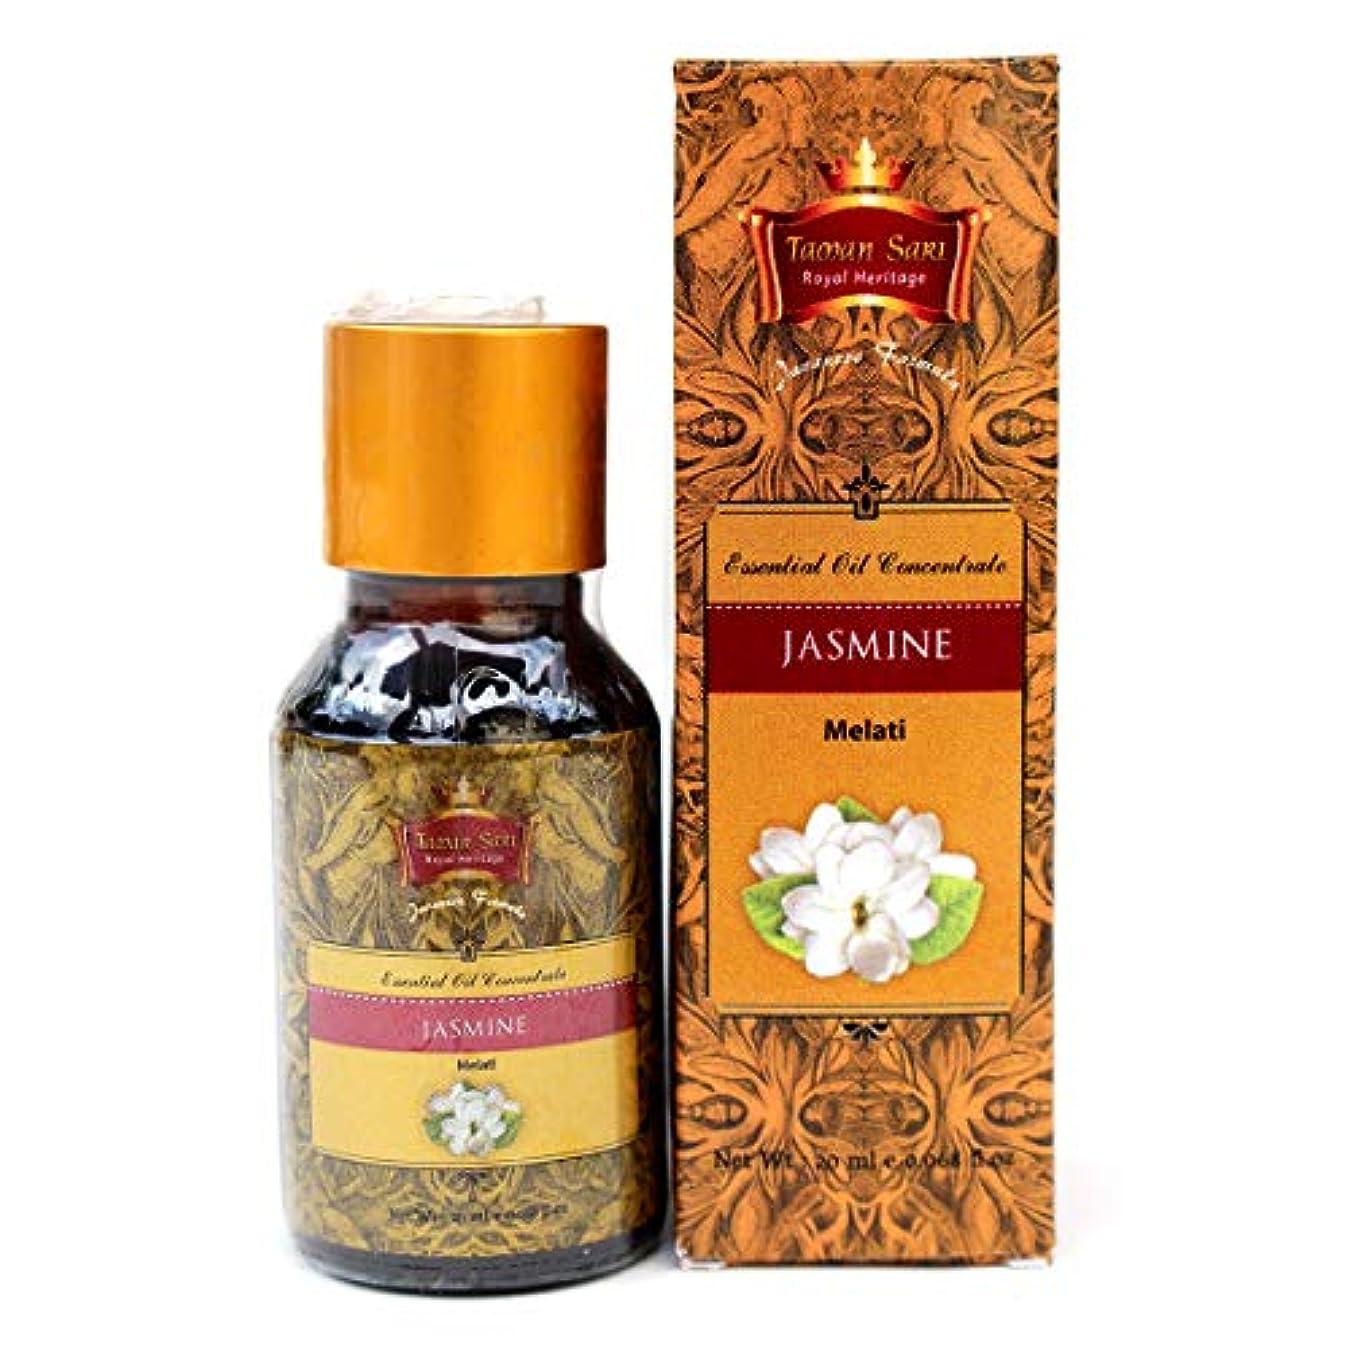 衝突する絶対にミッションTaman Sari タマンサリ エッセンシャルオイル ムスティカラトゥ高級スパブランド Jasmine ジャスミン 20ml